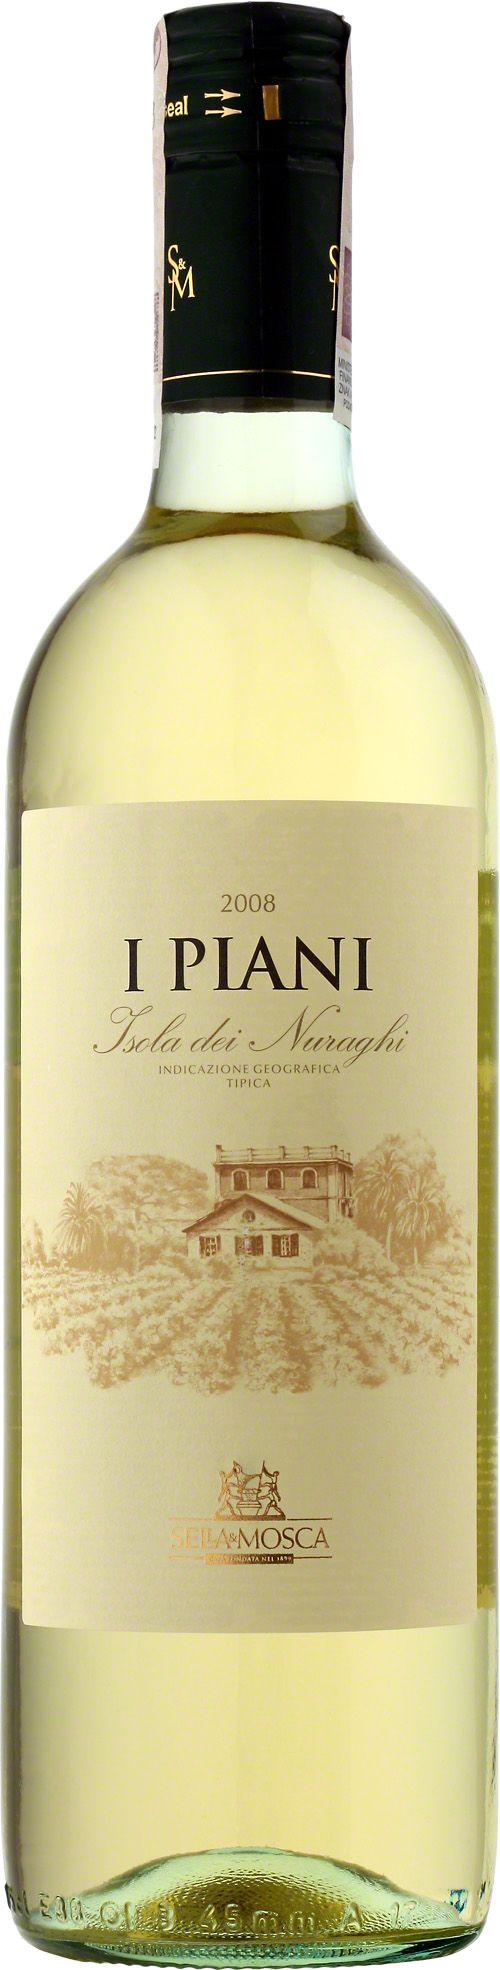 Sella & Mosca I Piani Isola Dei Nerughi I.G.T. Bianco Białe i odświeżające młode wino, w stylu podobne do win musujących. Nowoczesny trunek o mineralnym, delikatnym smaku. #SellaMosca #IPiani #IsolaDeiNerughi #Bianco #Wino #Sardynia #Włochy #Winezja